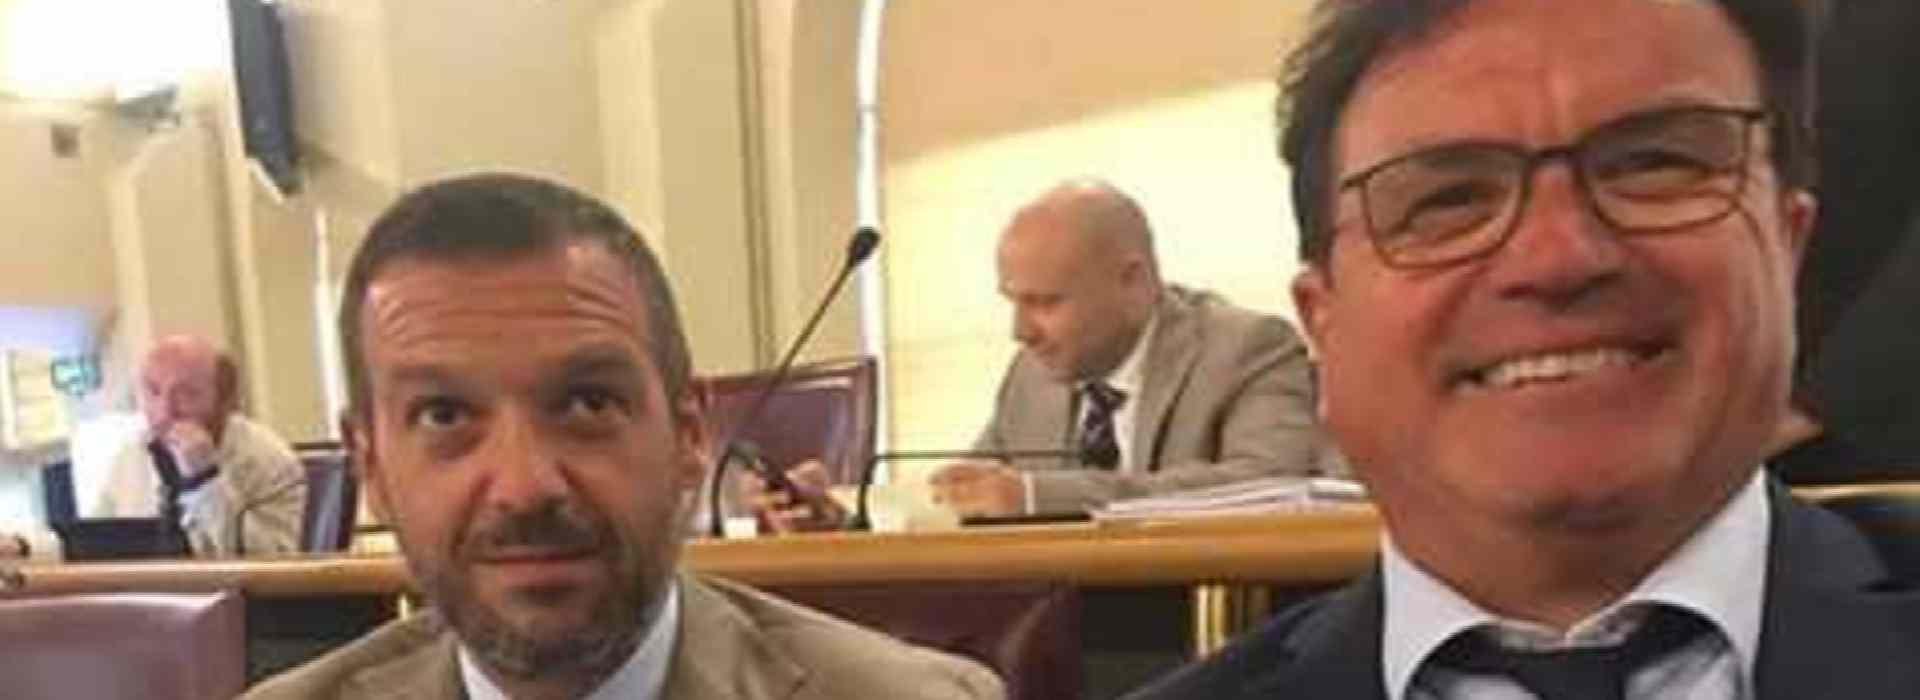 Abruzzo, presidente Consiglio regionale Sospiri ed ex assessore Febbo indagati per corruzione e assunzioni